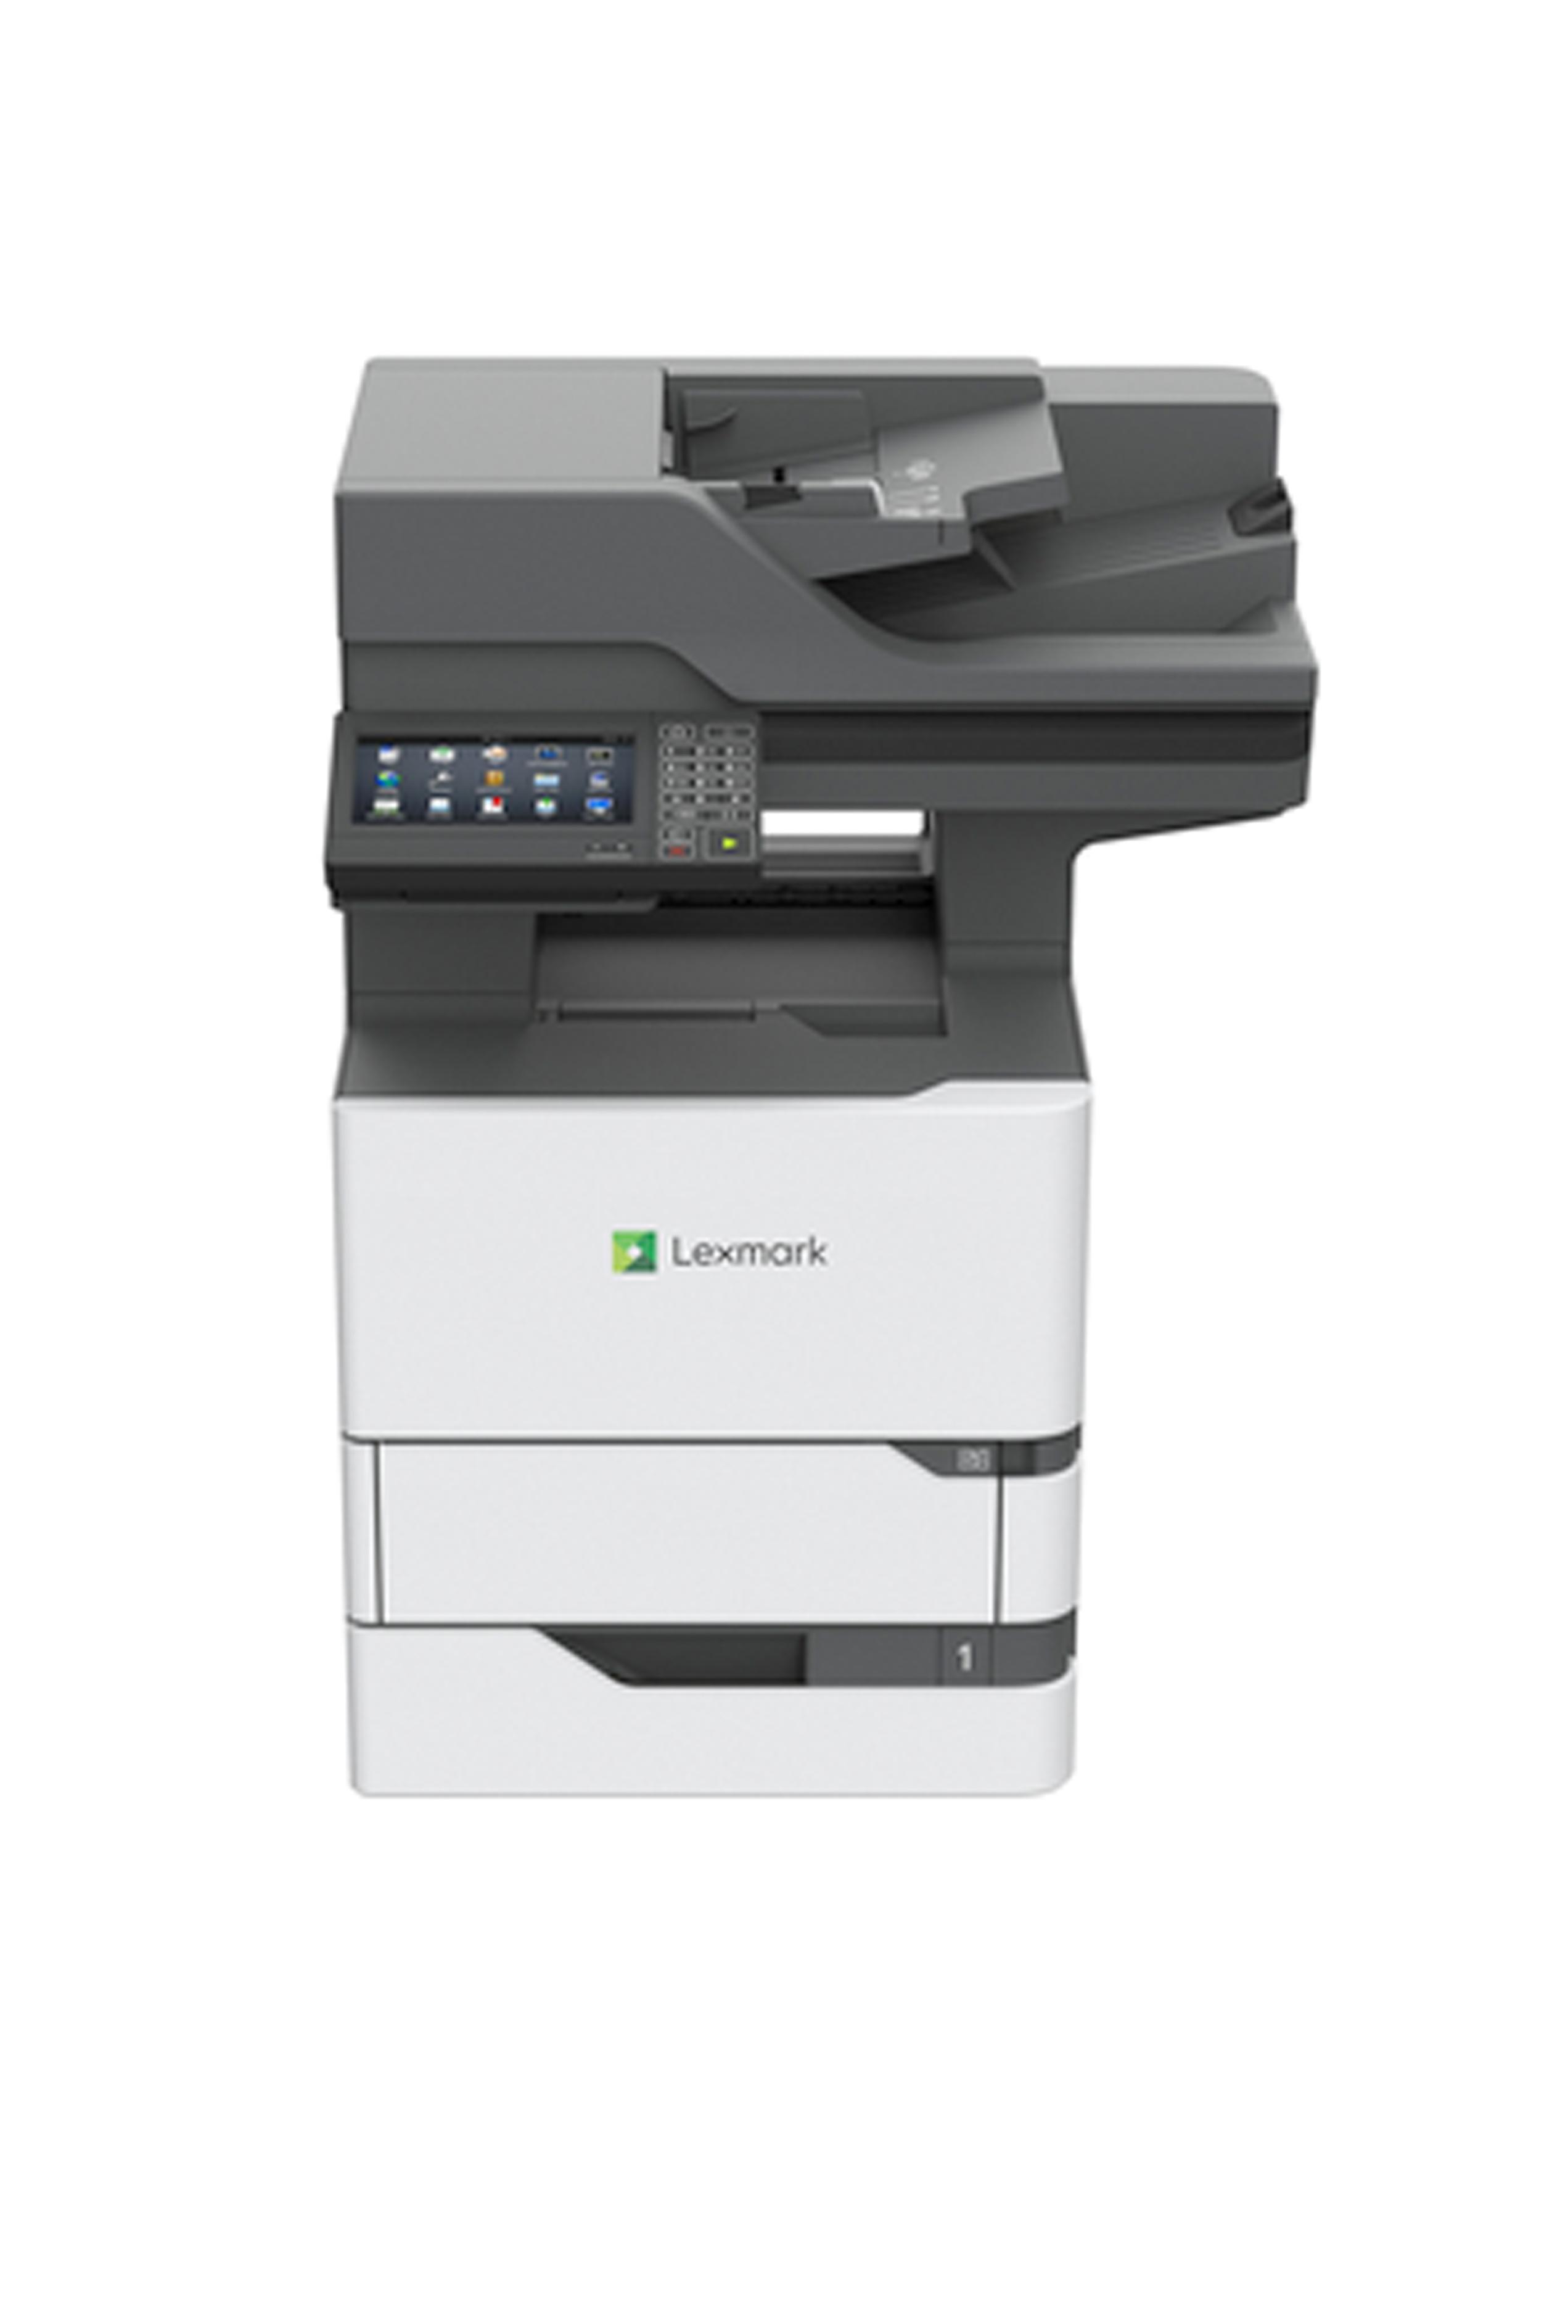 Lexmark LEXMARK MX722ADE MFP B&W